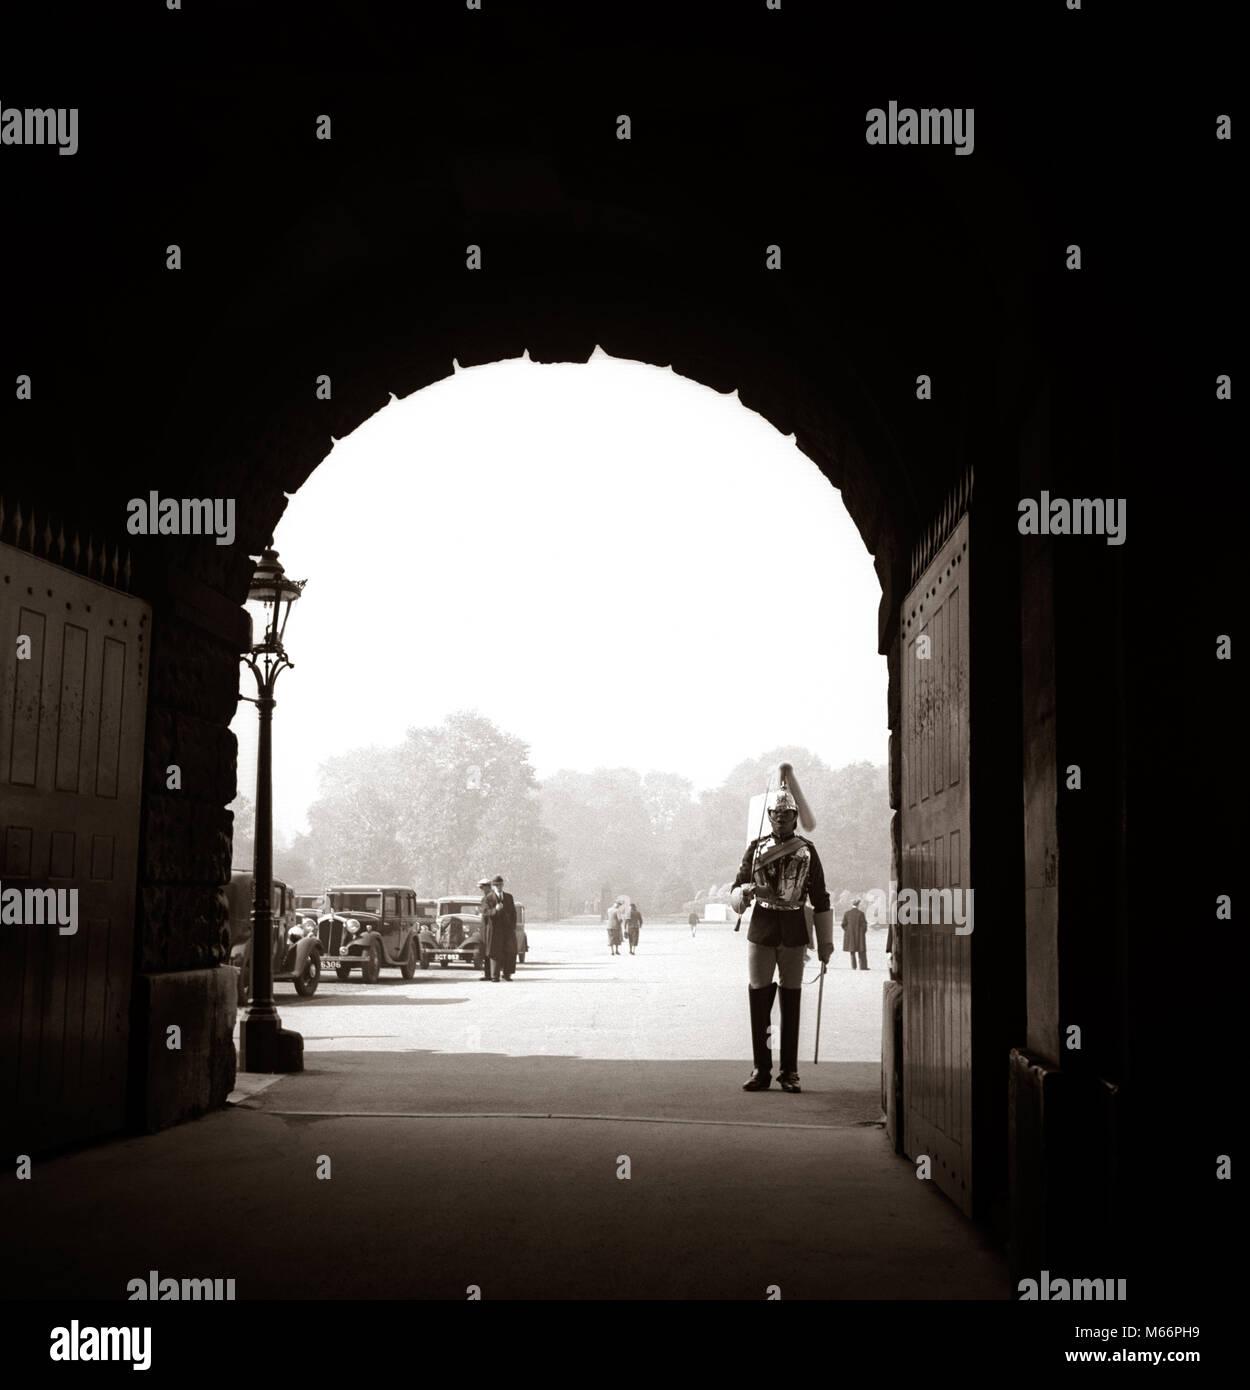 london man 1930s Stock Photos & london man 1930s Stock Images - Alamy